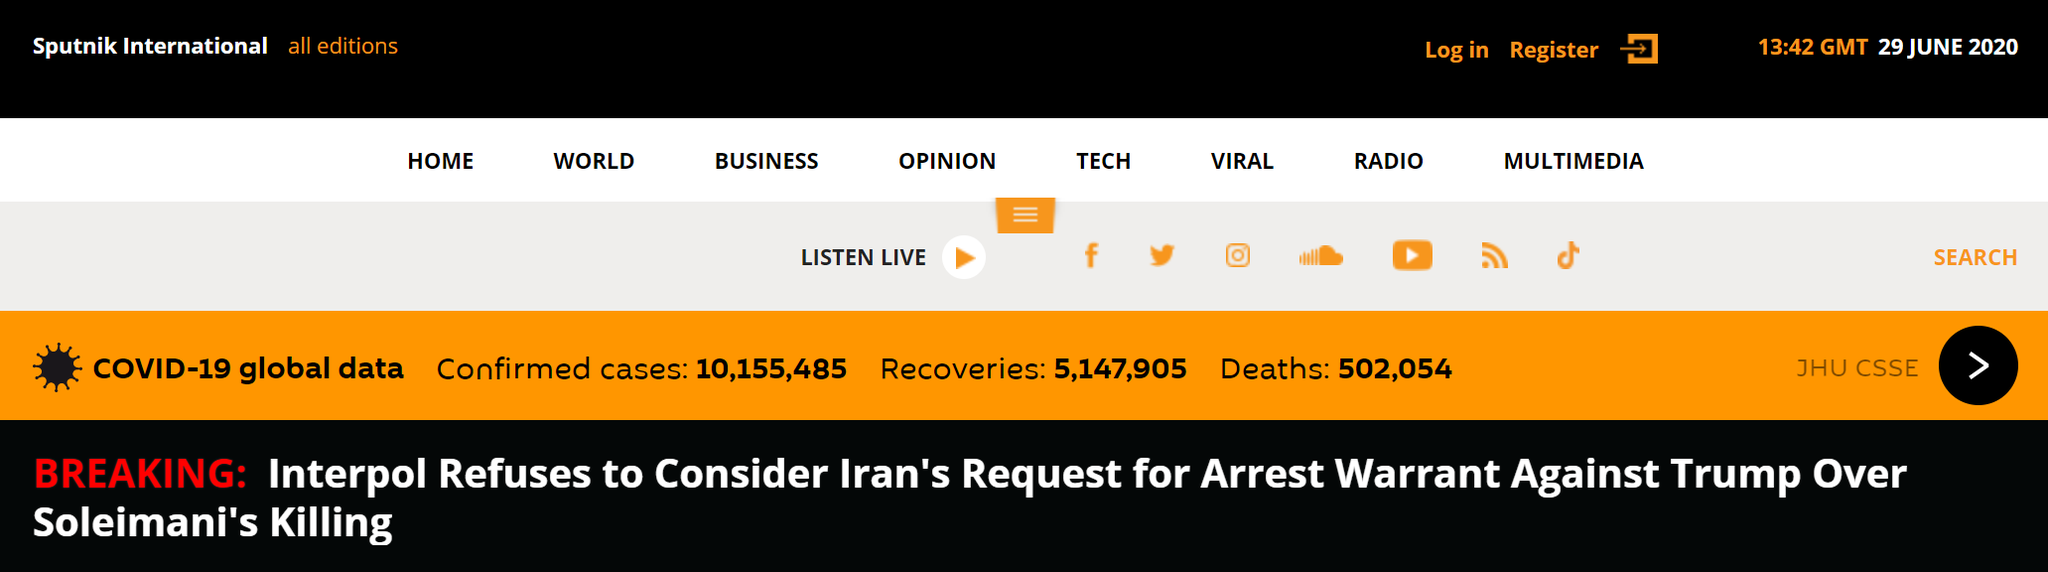 国际刑警组织拒绝协助逮捕特朗普:不考虑伊朗的任何请求